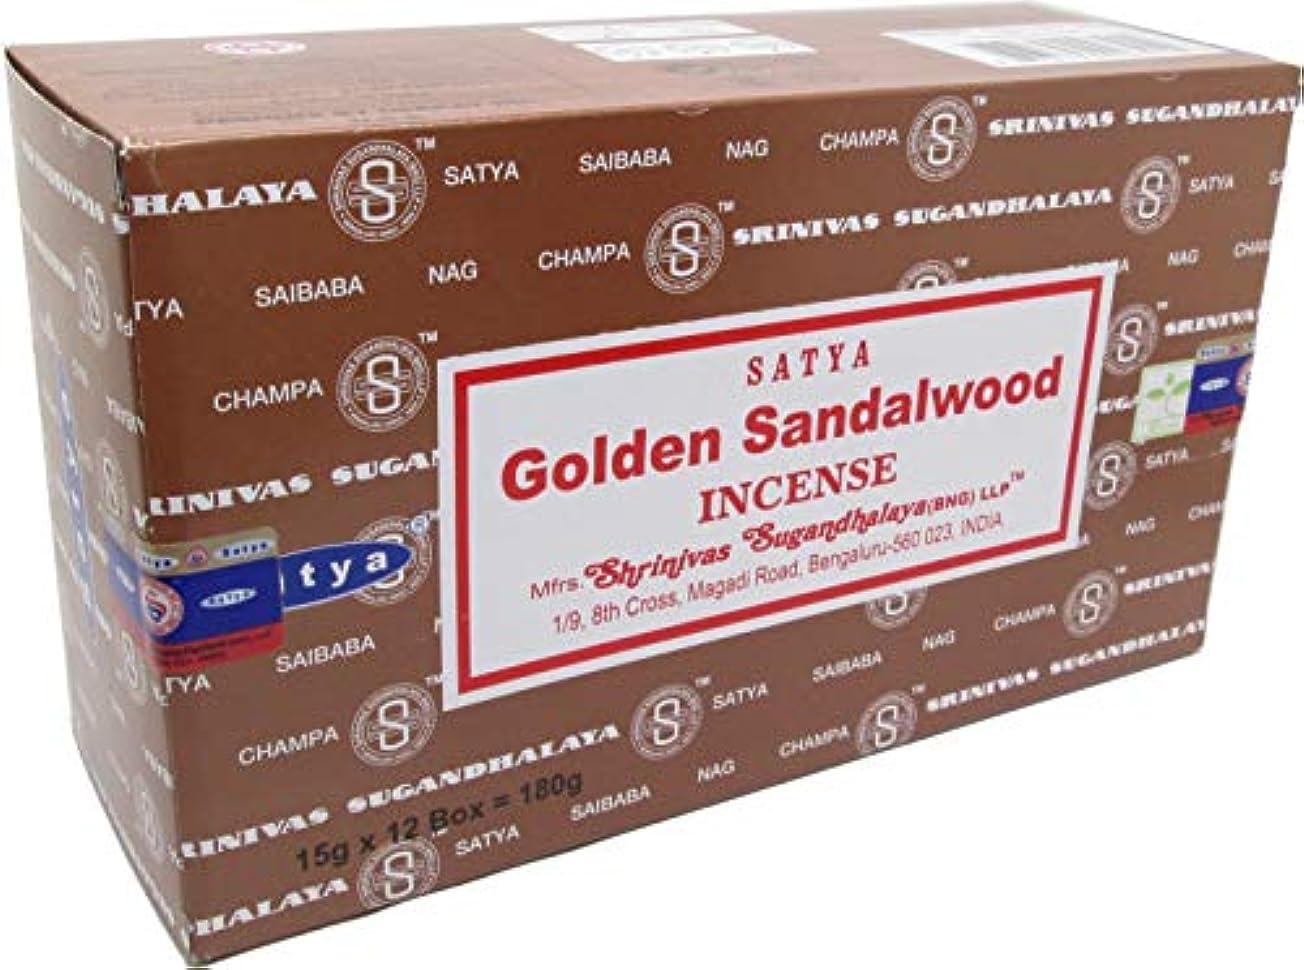 変装安価な描写Cultural Exchange Satya Sai Baba ゴールデンサンダルウッドお香スティック [プリパック] 15 grams ブラウン 152068